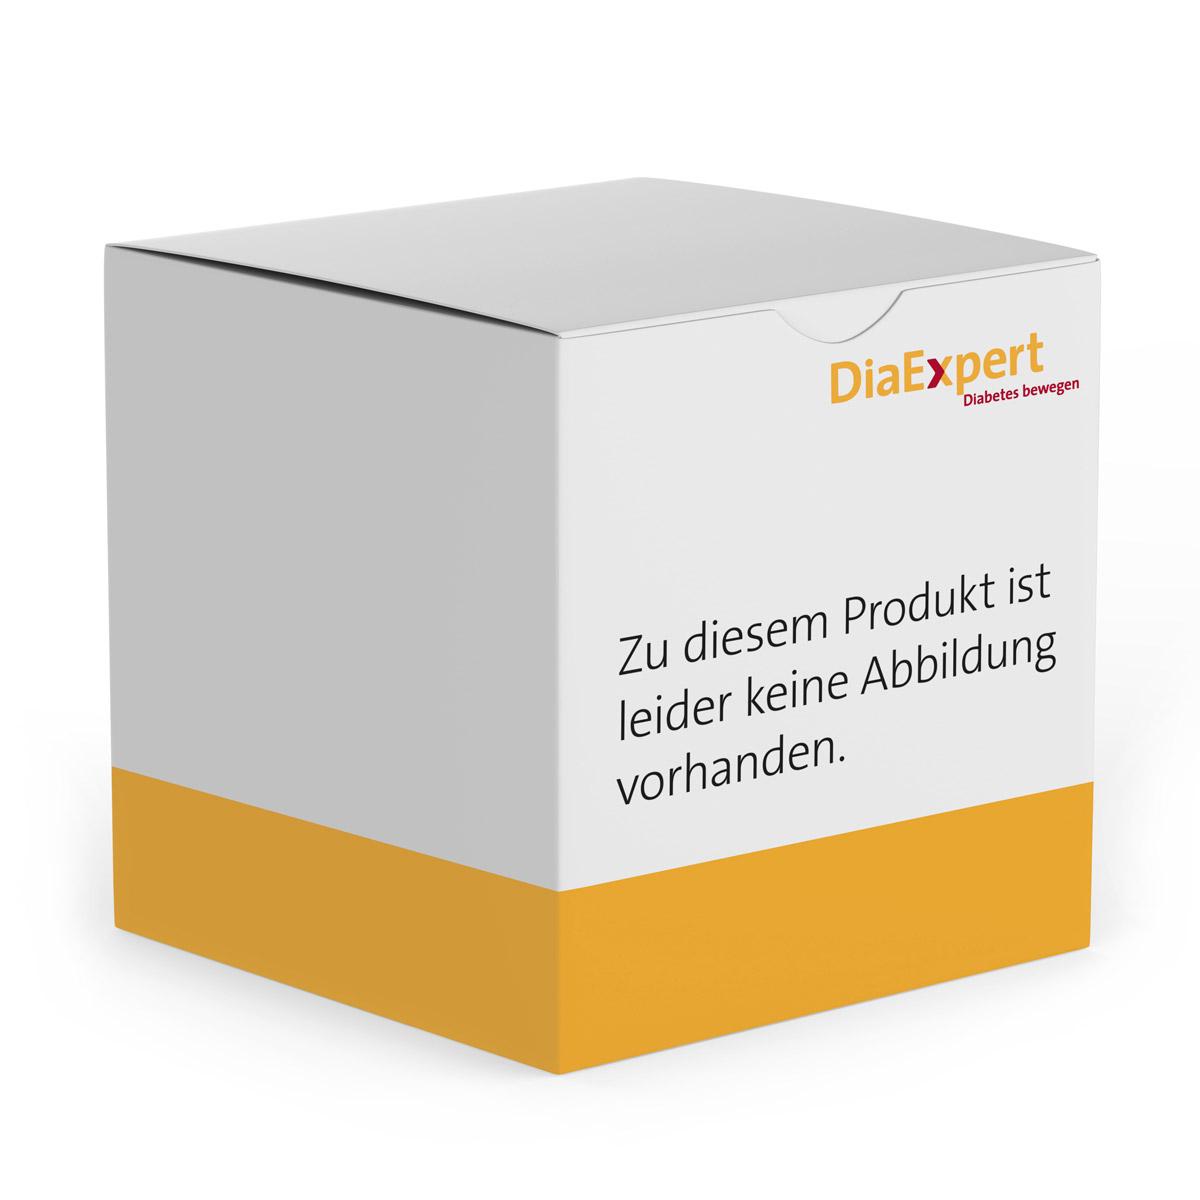 DiaExpert QR-Code